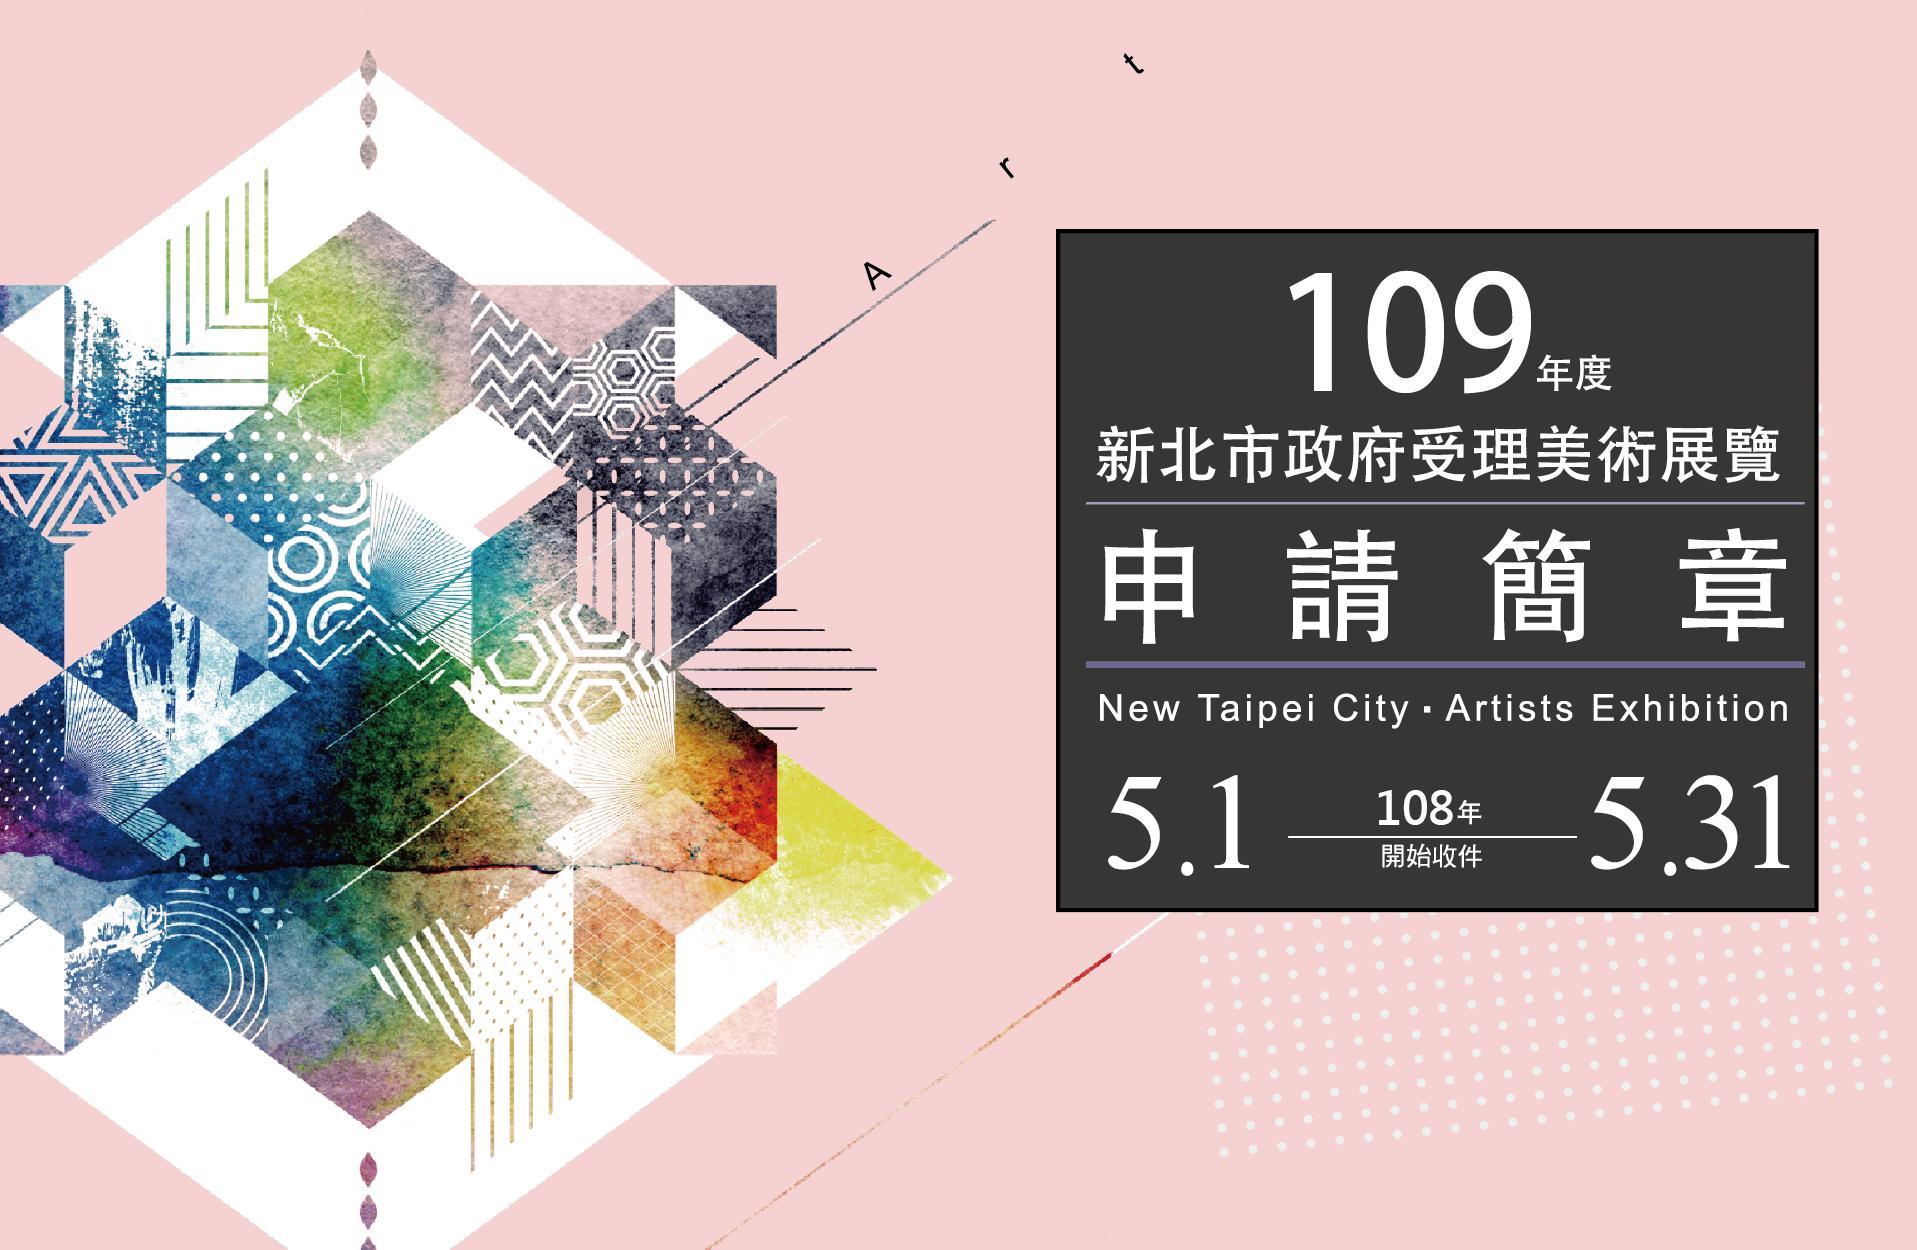 【公告】「109年度新北市政府受理美術展覽申請」審查結果公告